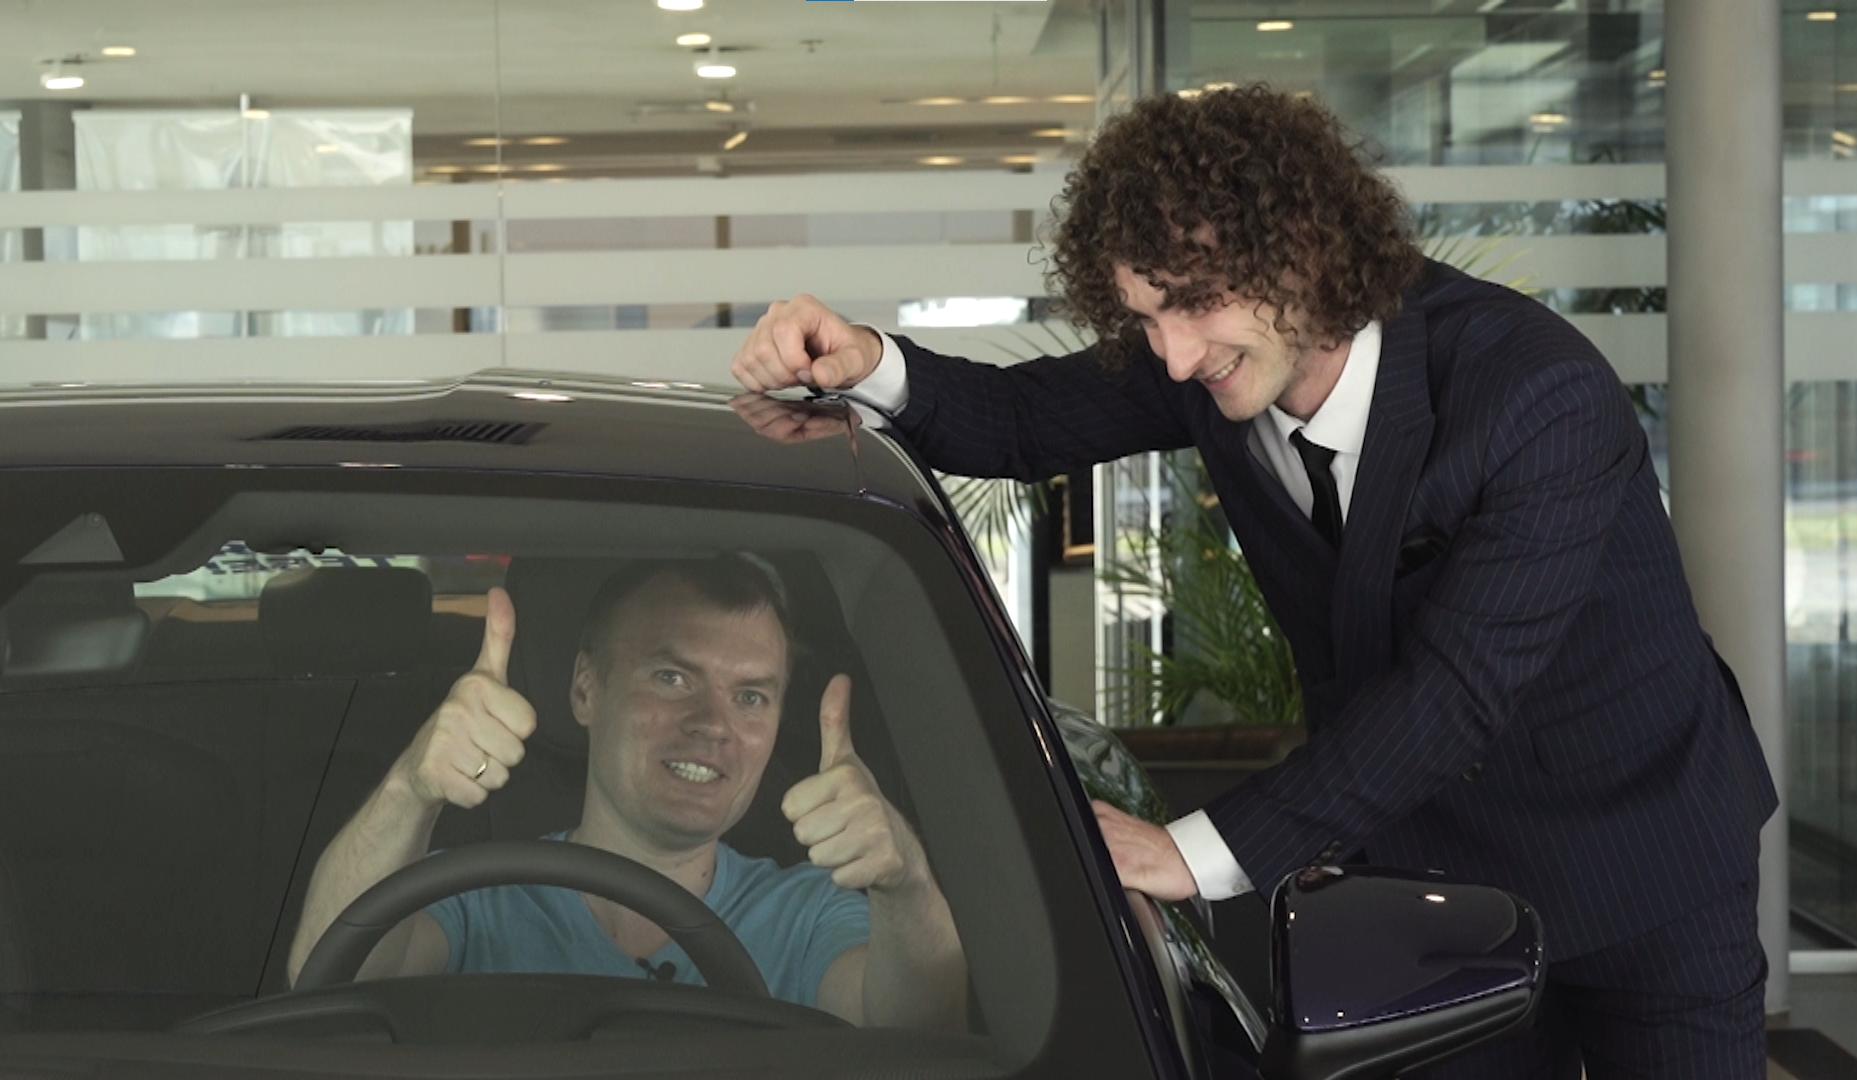 Підсумки акції «АТБ заряджає тебе»: прийшов за підгузками для сина, а одержав новий Porsche Taycan